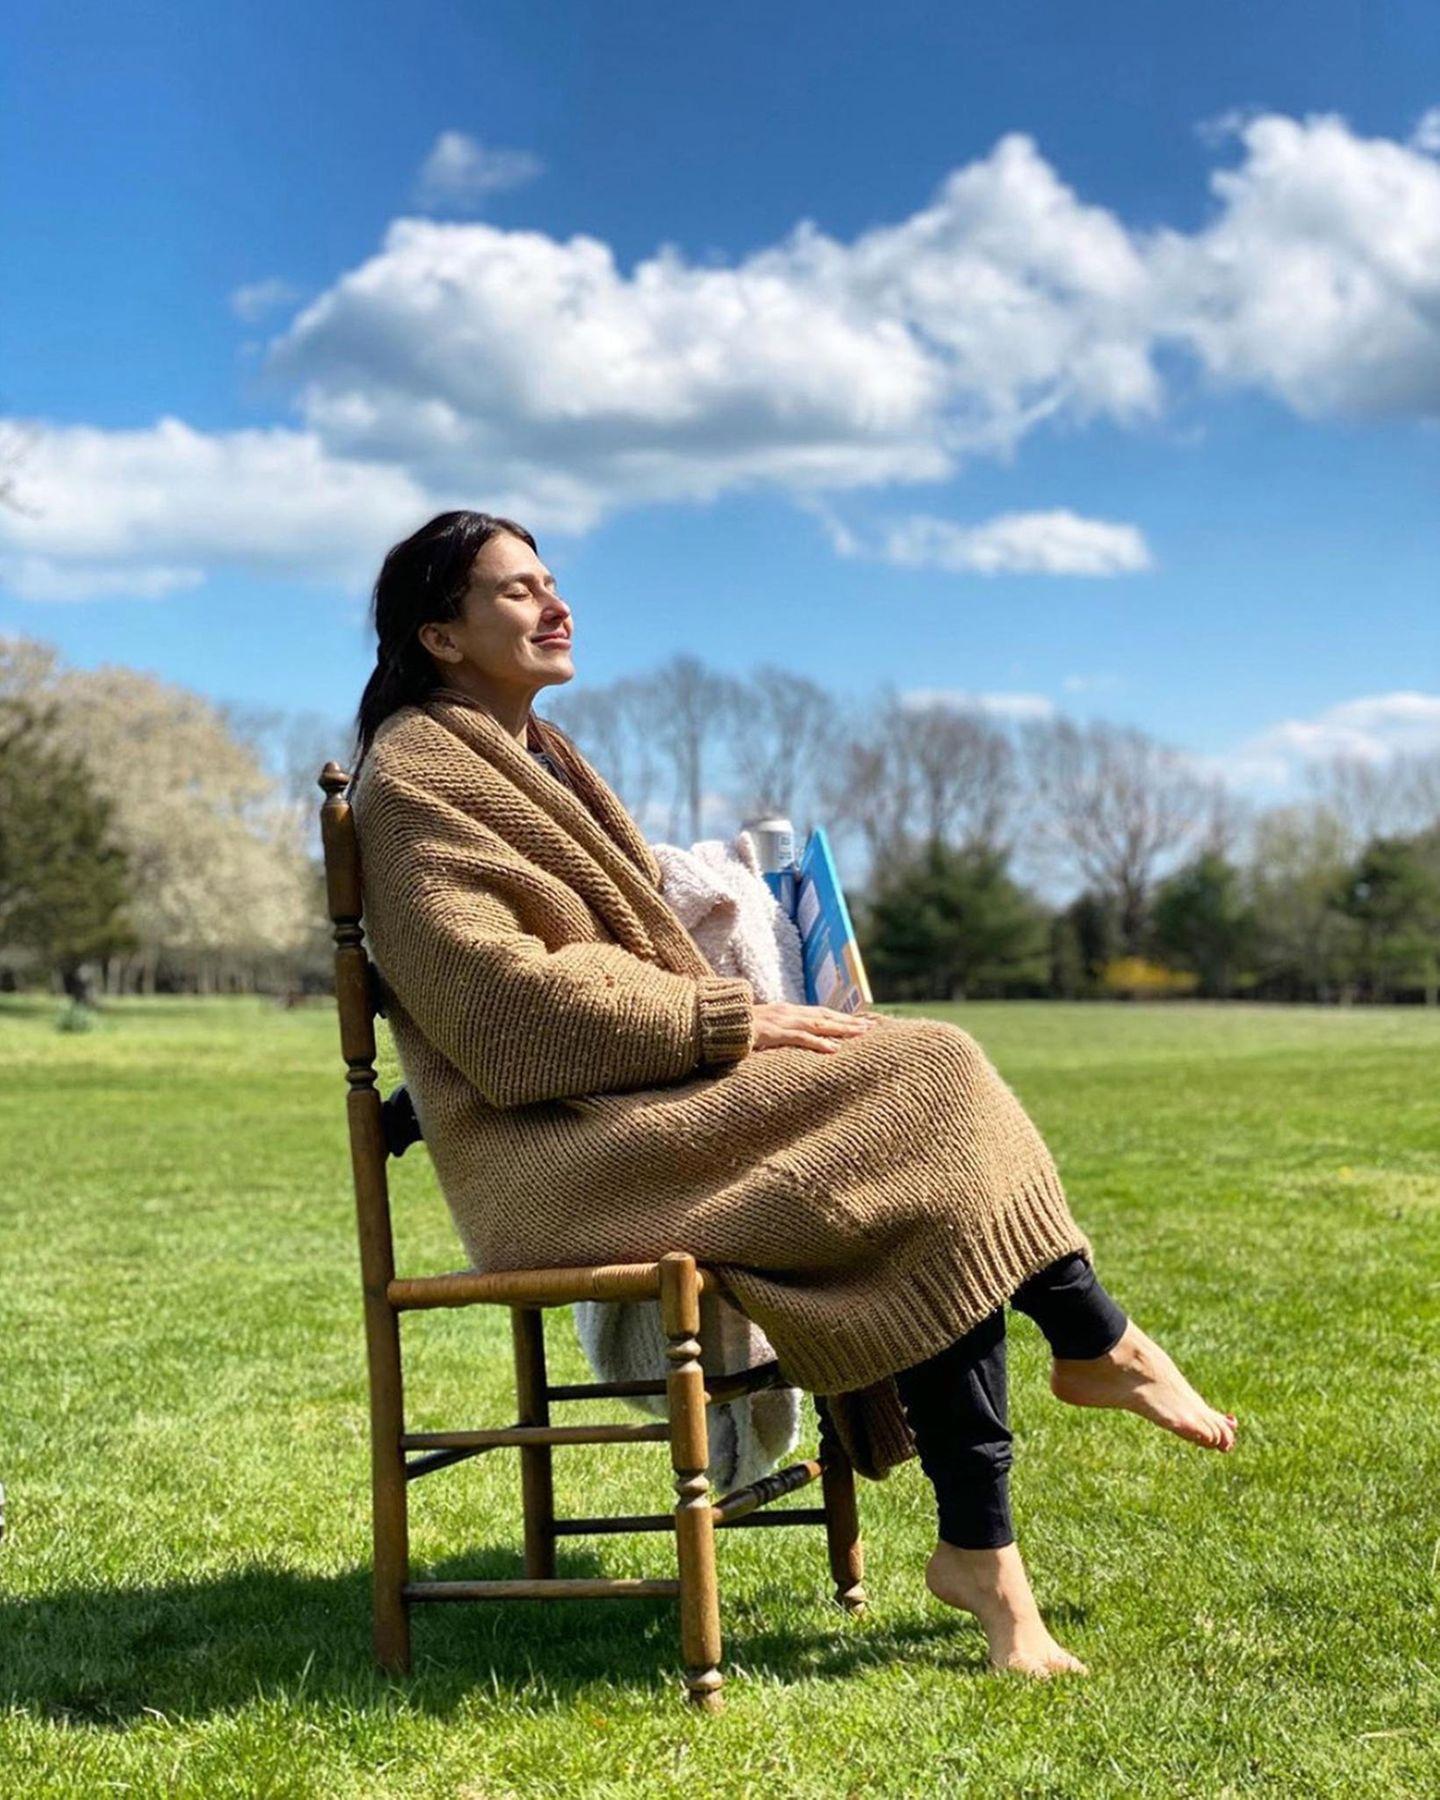 Hilaria Baldwin übt währendder Quarantäne schon mal das Altsein. Eingekuschelt auf einem Stuhl in der Sonne sitzend sieht das auch ziemlich gemütlich aus.